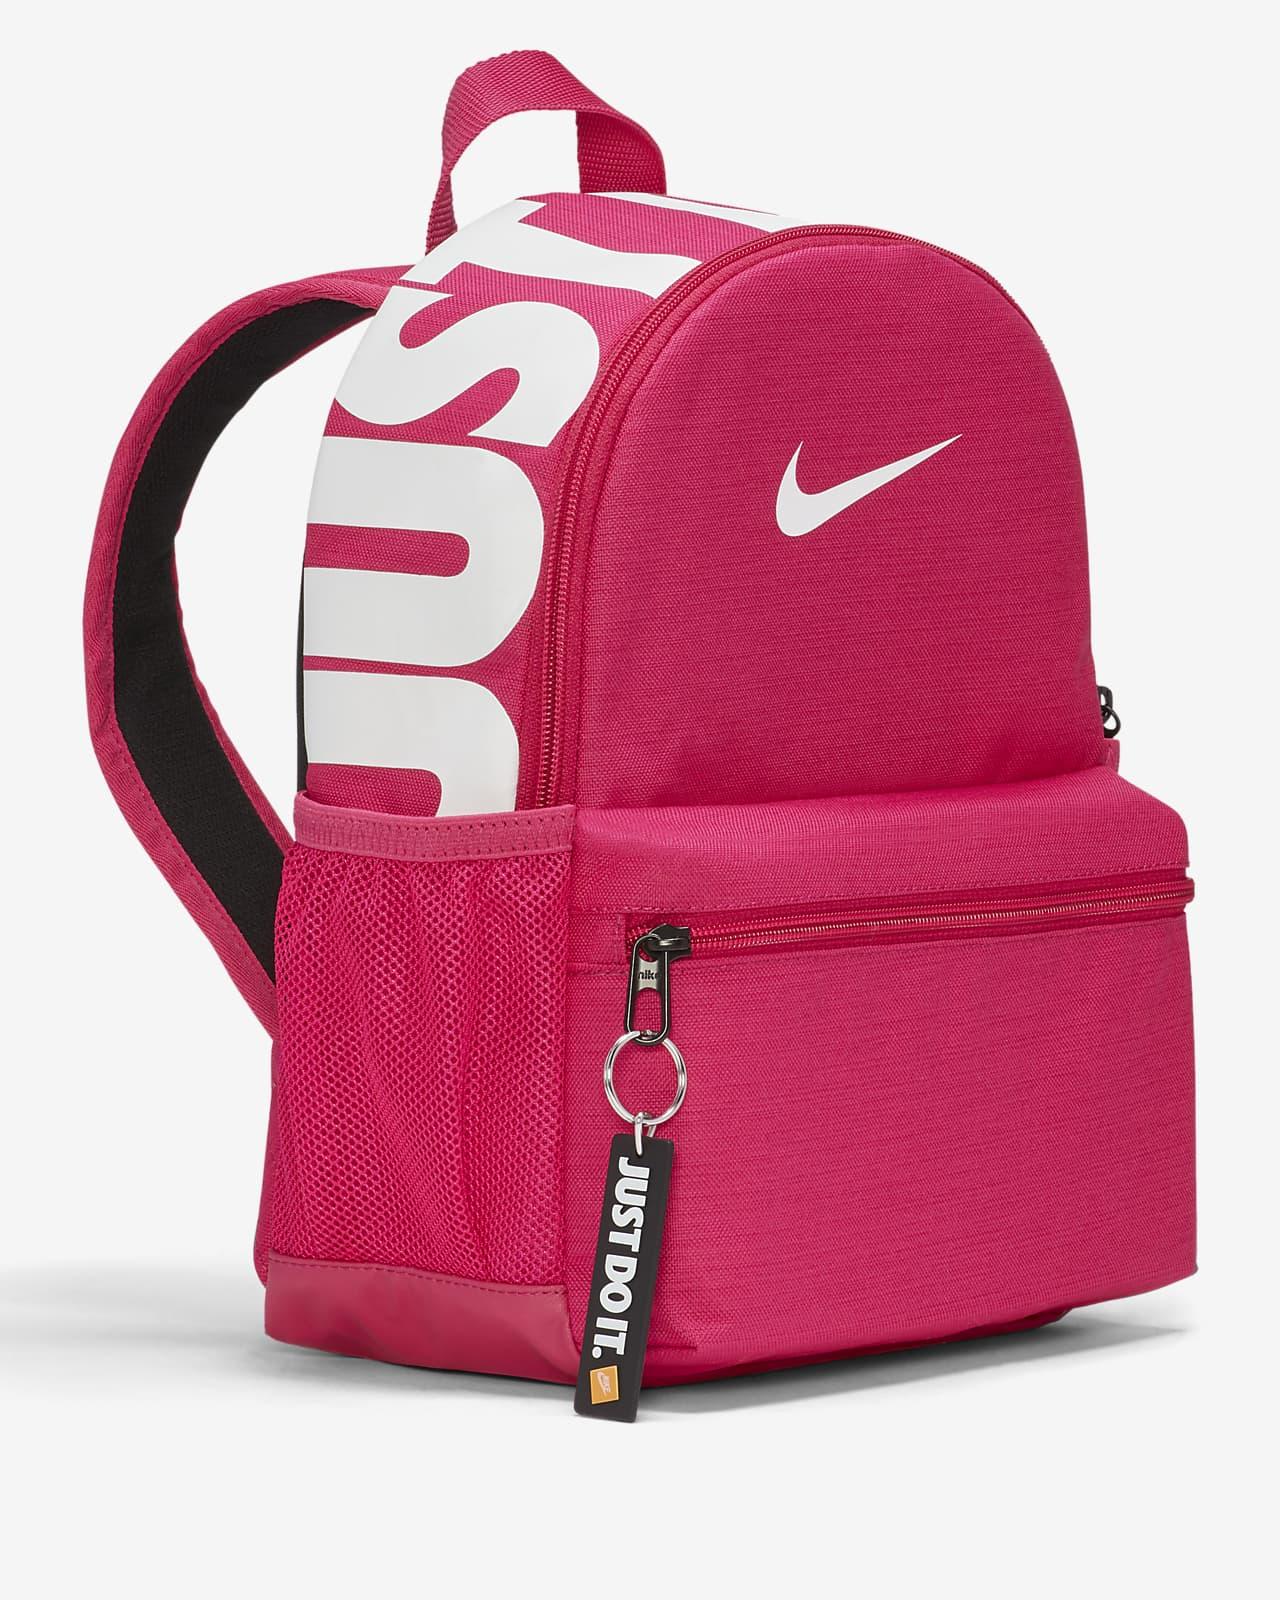 Premonición grabadora Bienvenido  Mochila para niños Nike Brasilia JDI (pequeña). Nike CL